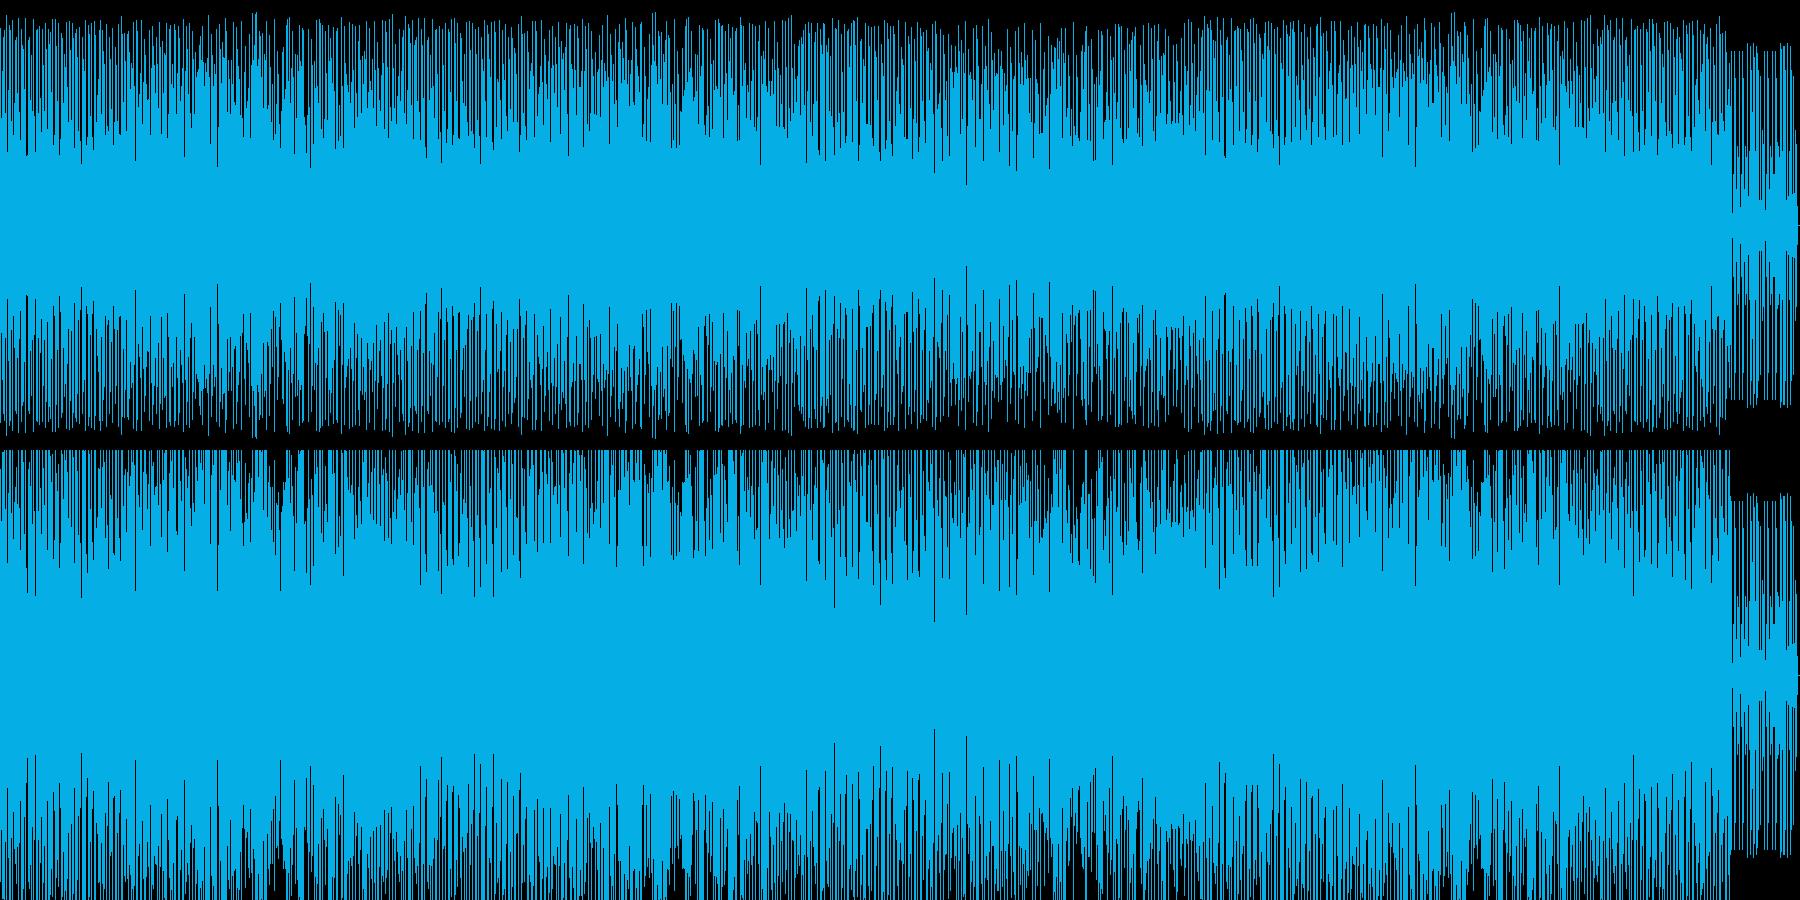 疾走感のある楽曲の再生済みの波形